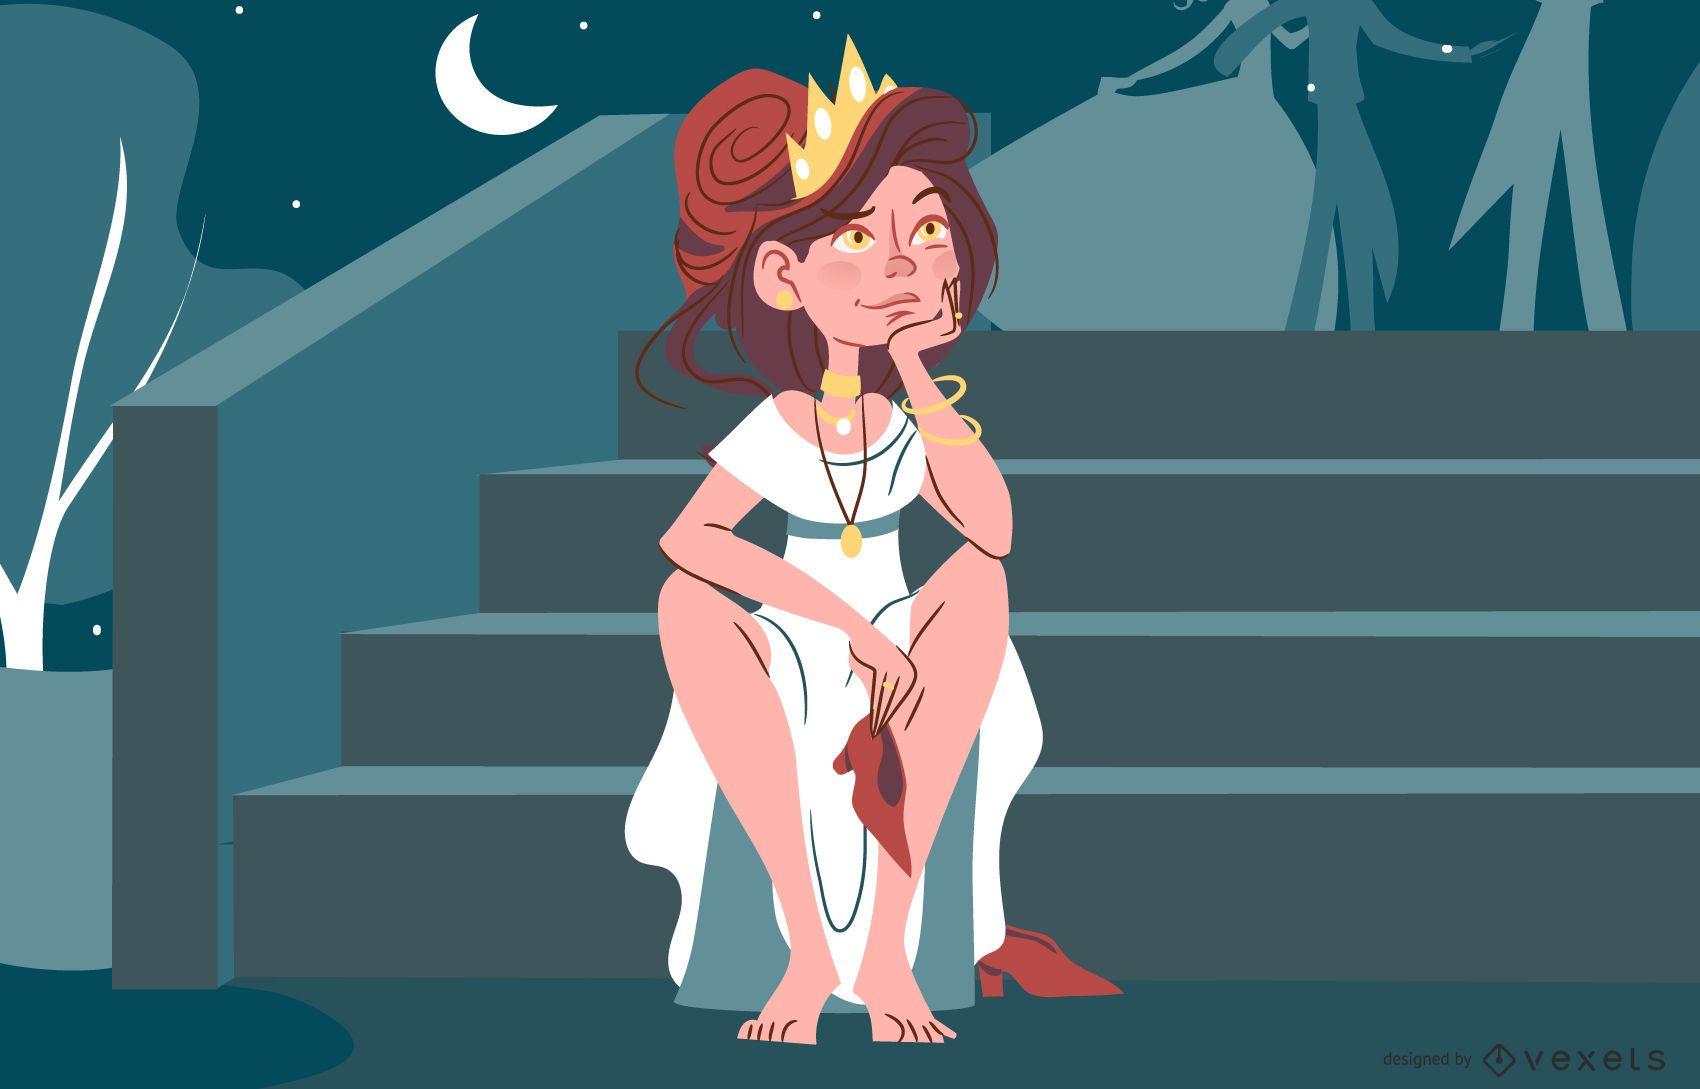 Diseño de ilustración de princesa de fantasía